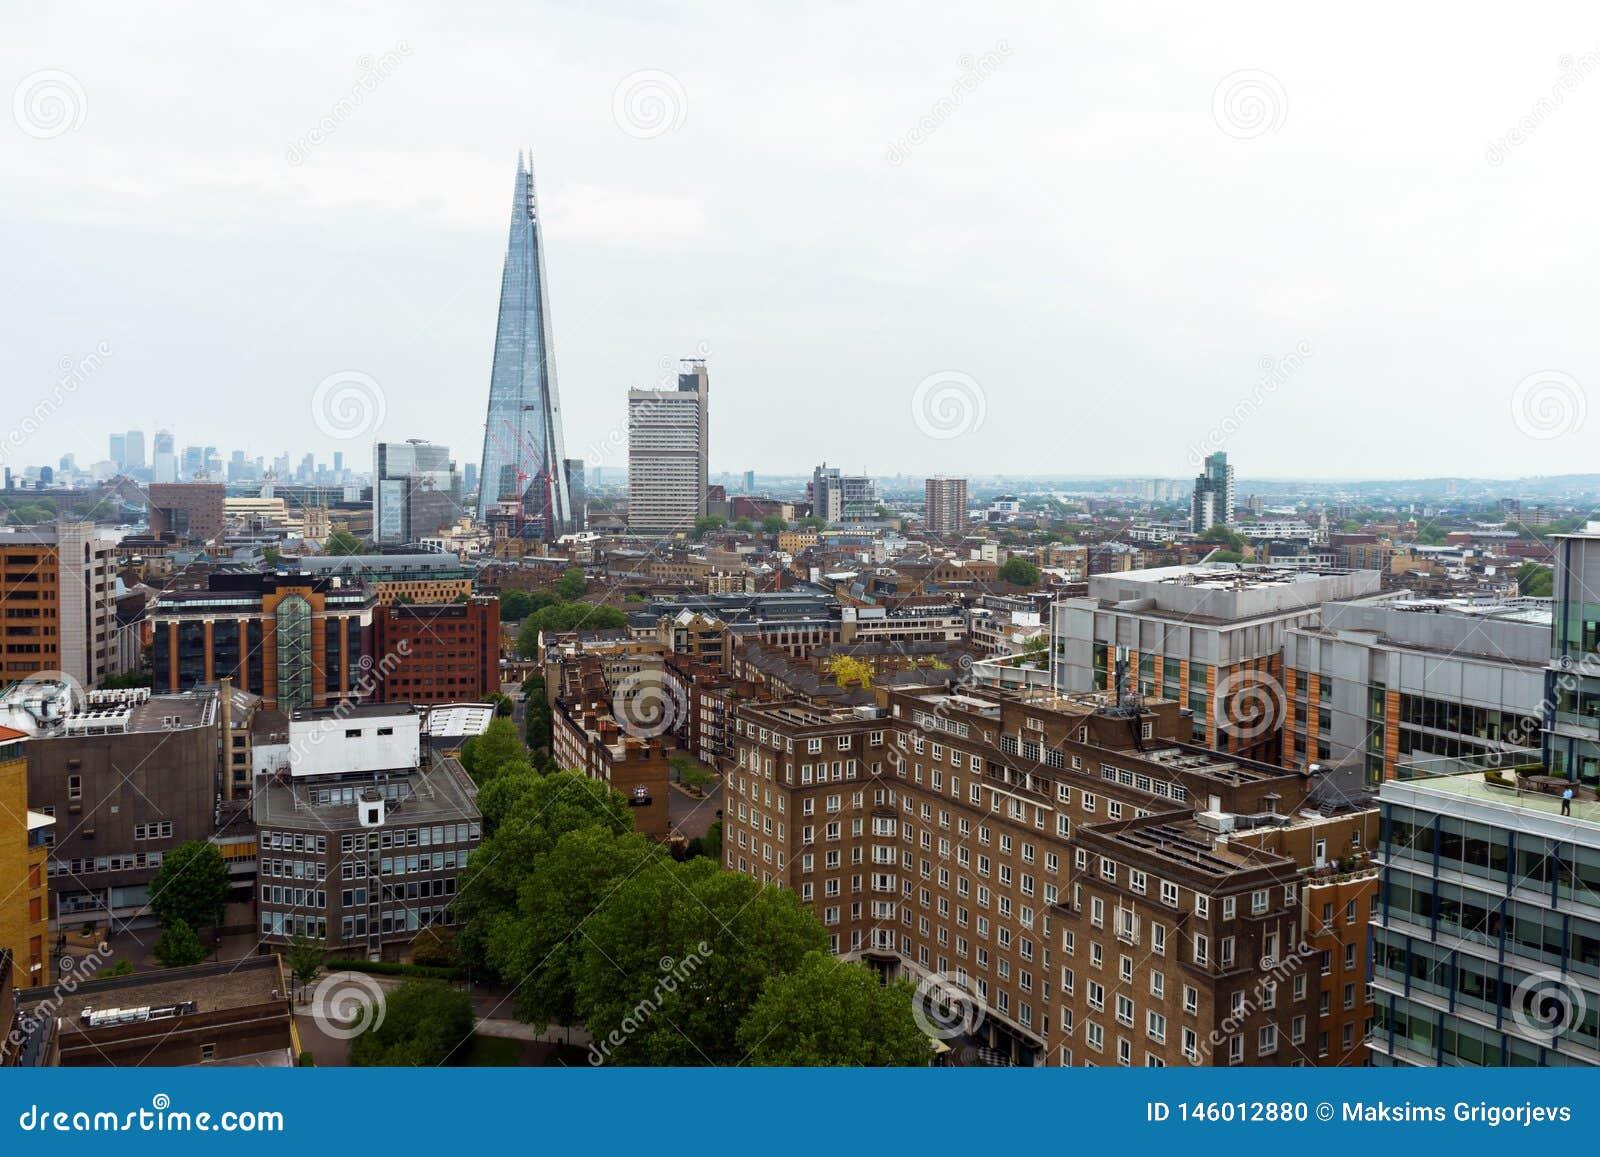 Πόλη του Λονδίνου, Ηνωμένο Βασίλειο, στις 24 Μαΐου 2018